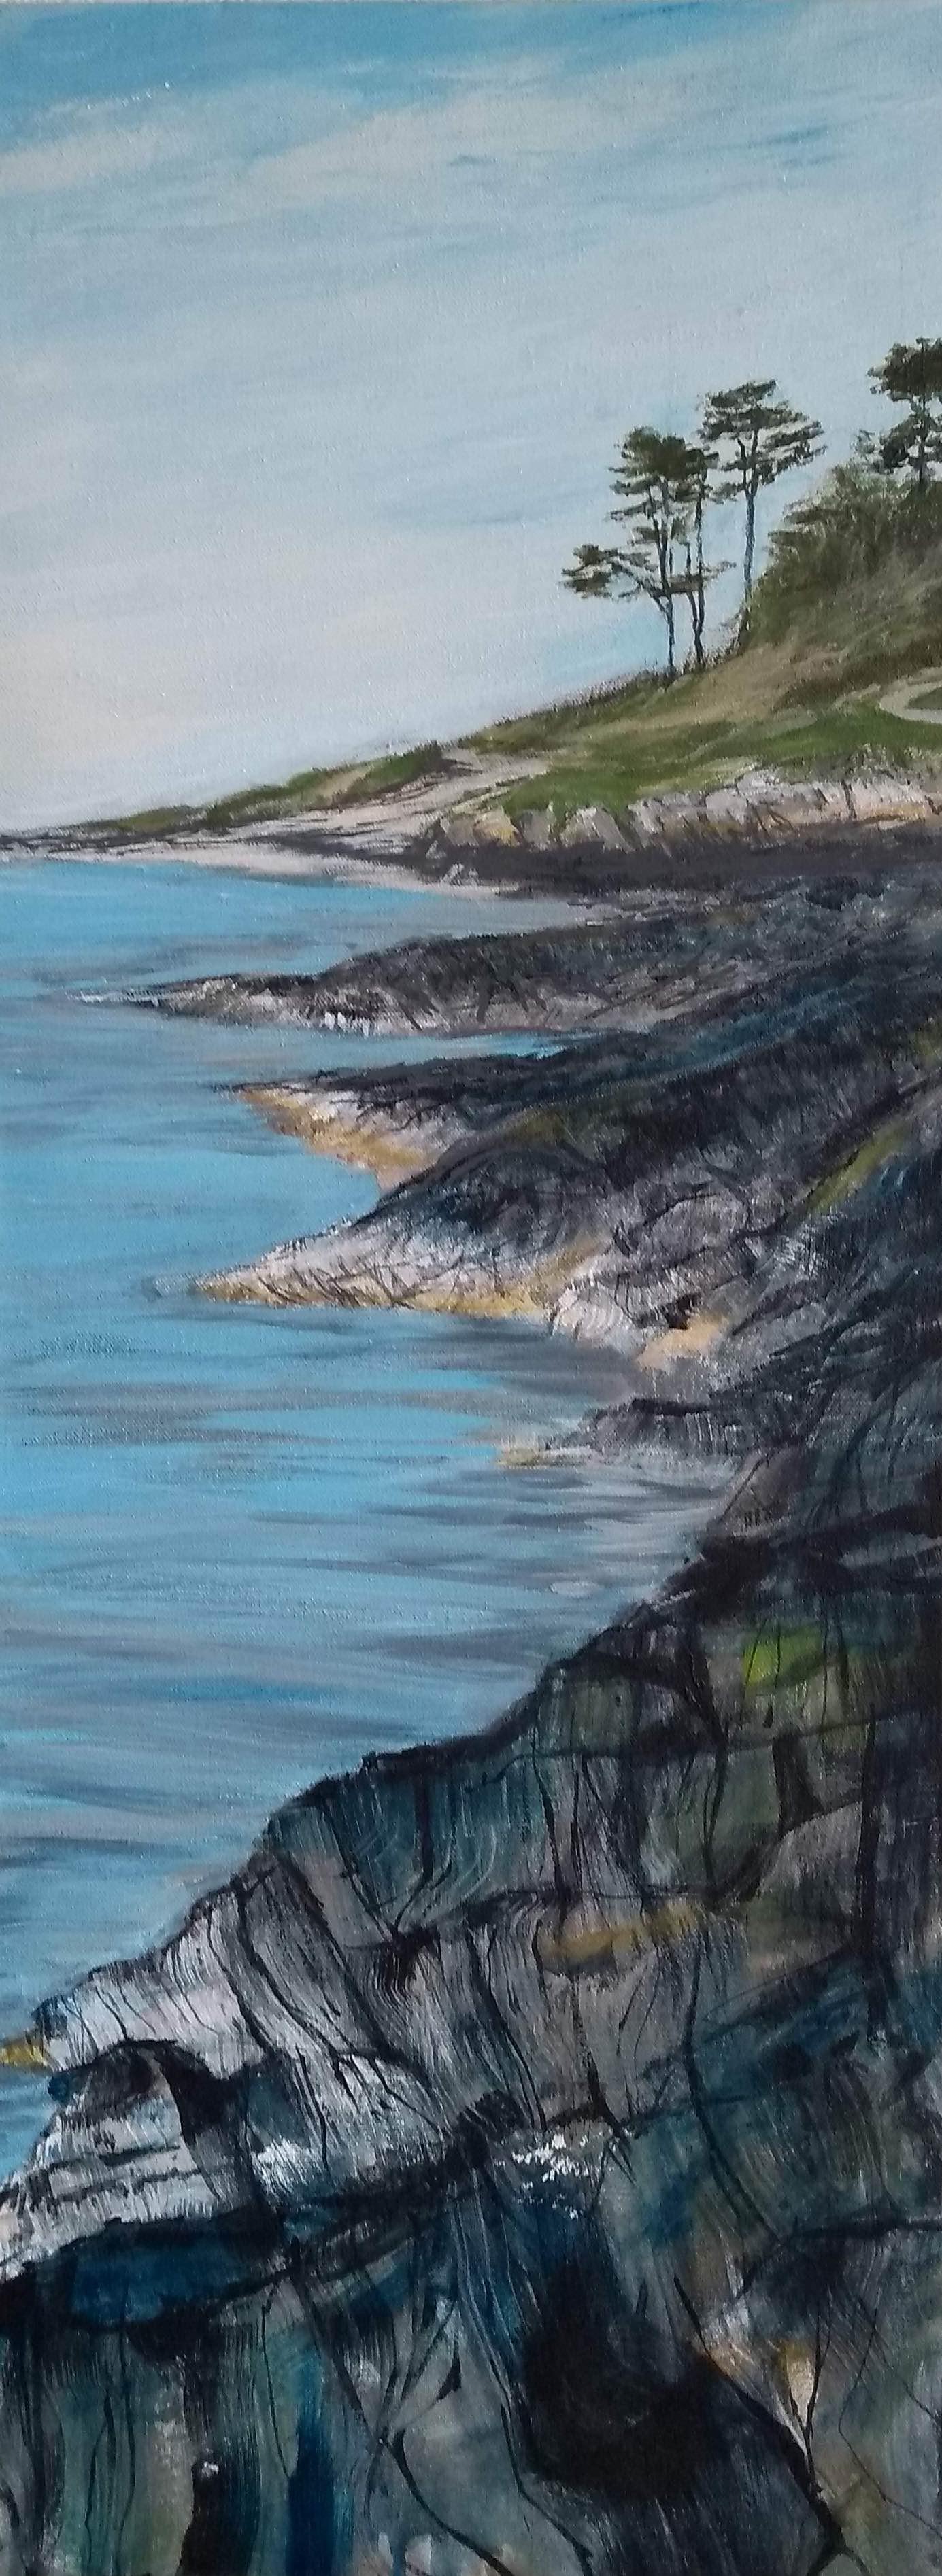 Shoreline strata